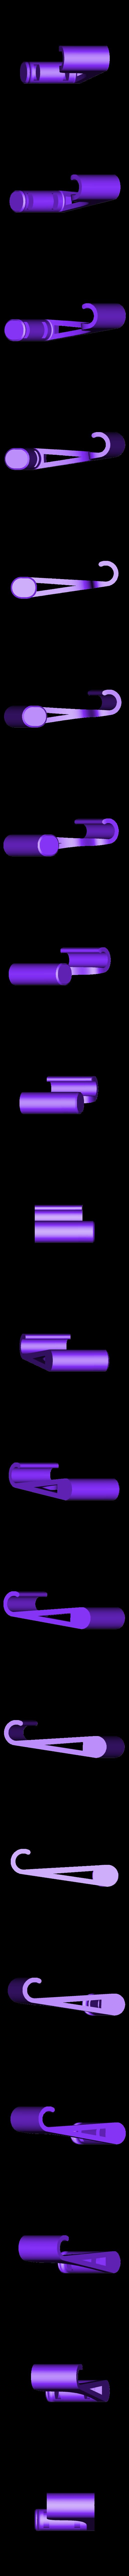 Spool Holder v3.stl Download free STL file Spool Holder Mount • 3D printer design, DimensionArg